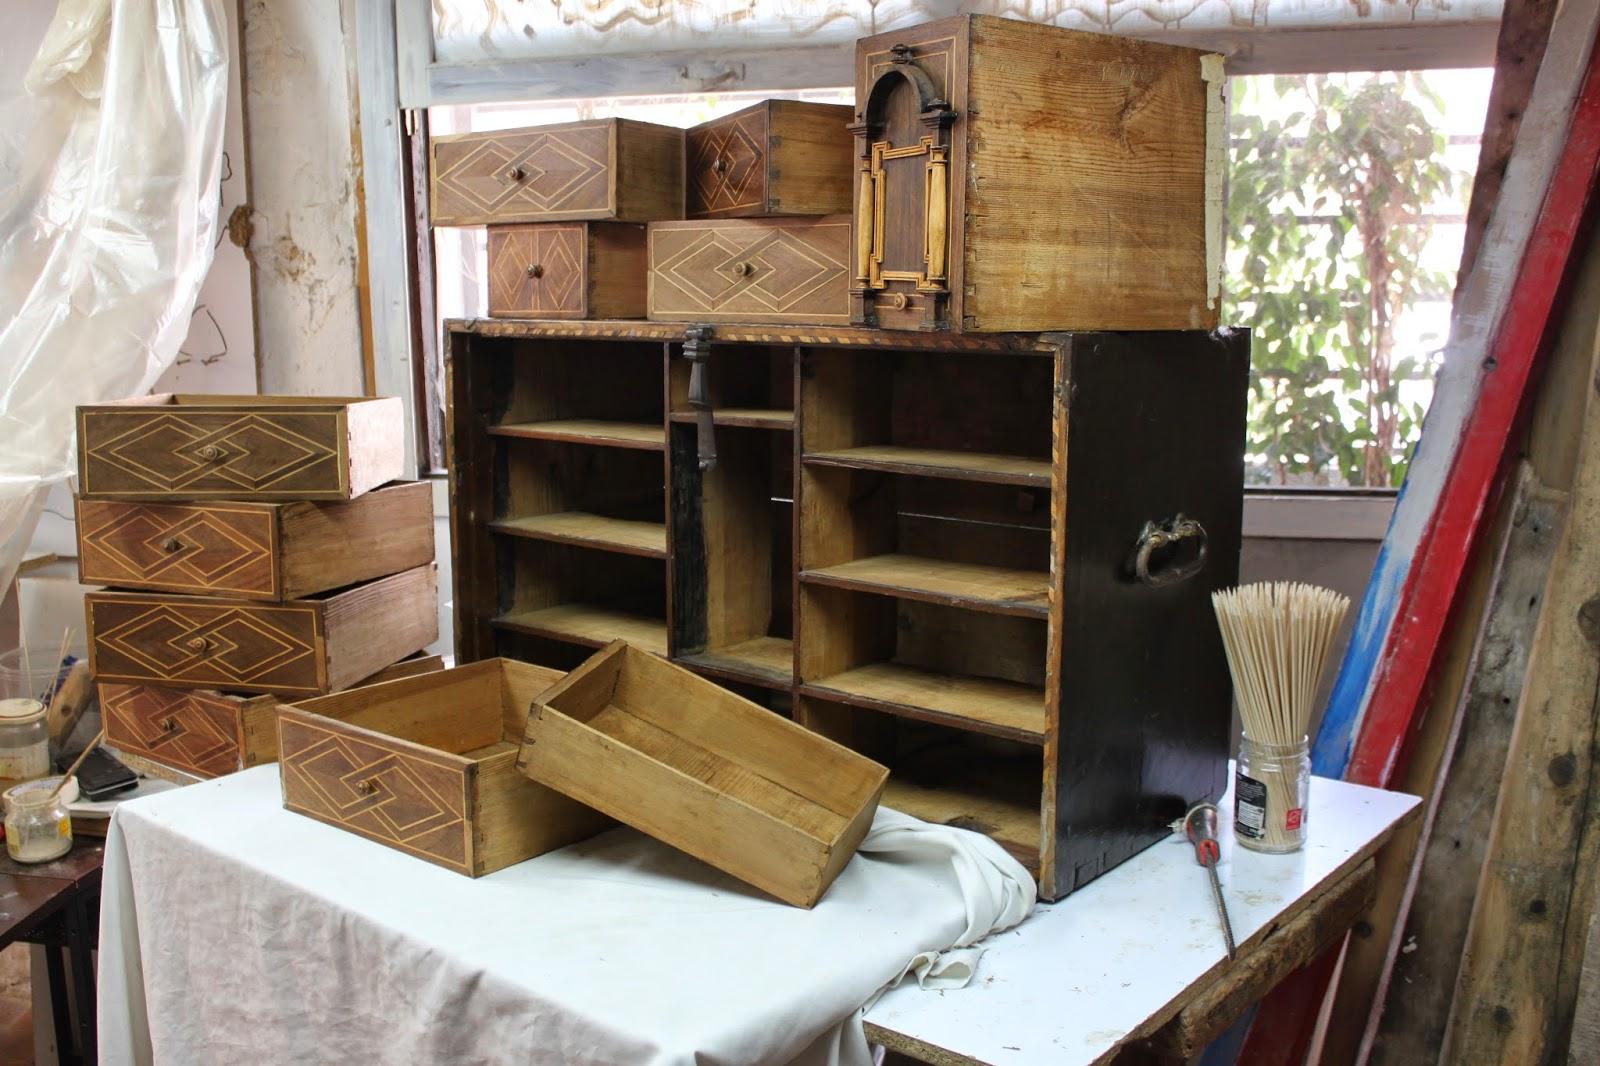 Dvm restauraci n - Restaurar muebles antiguos ...